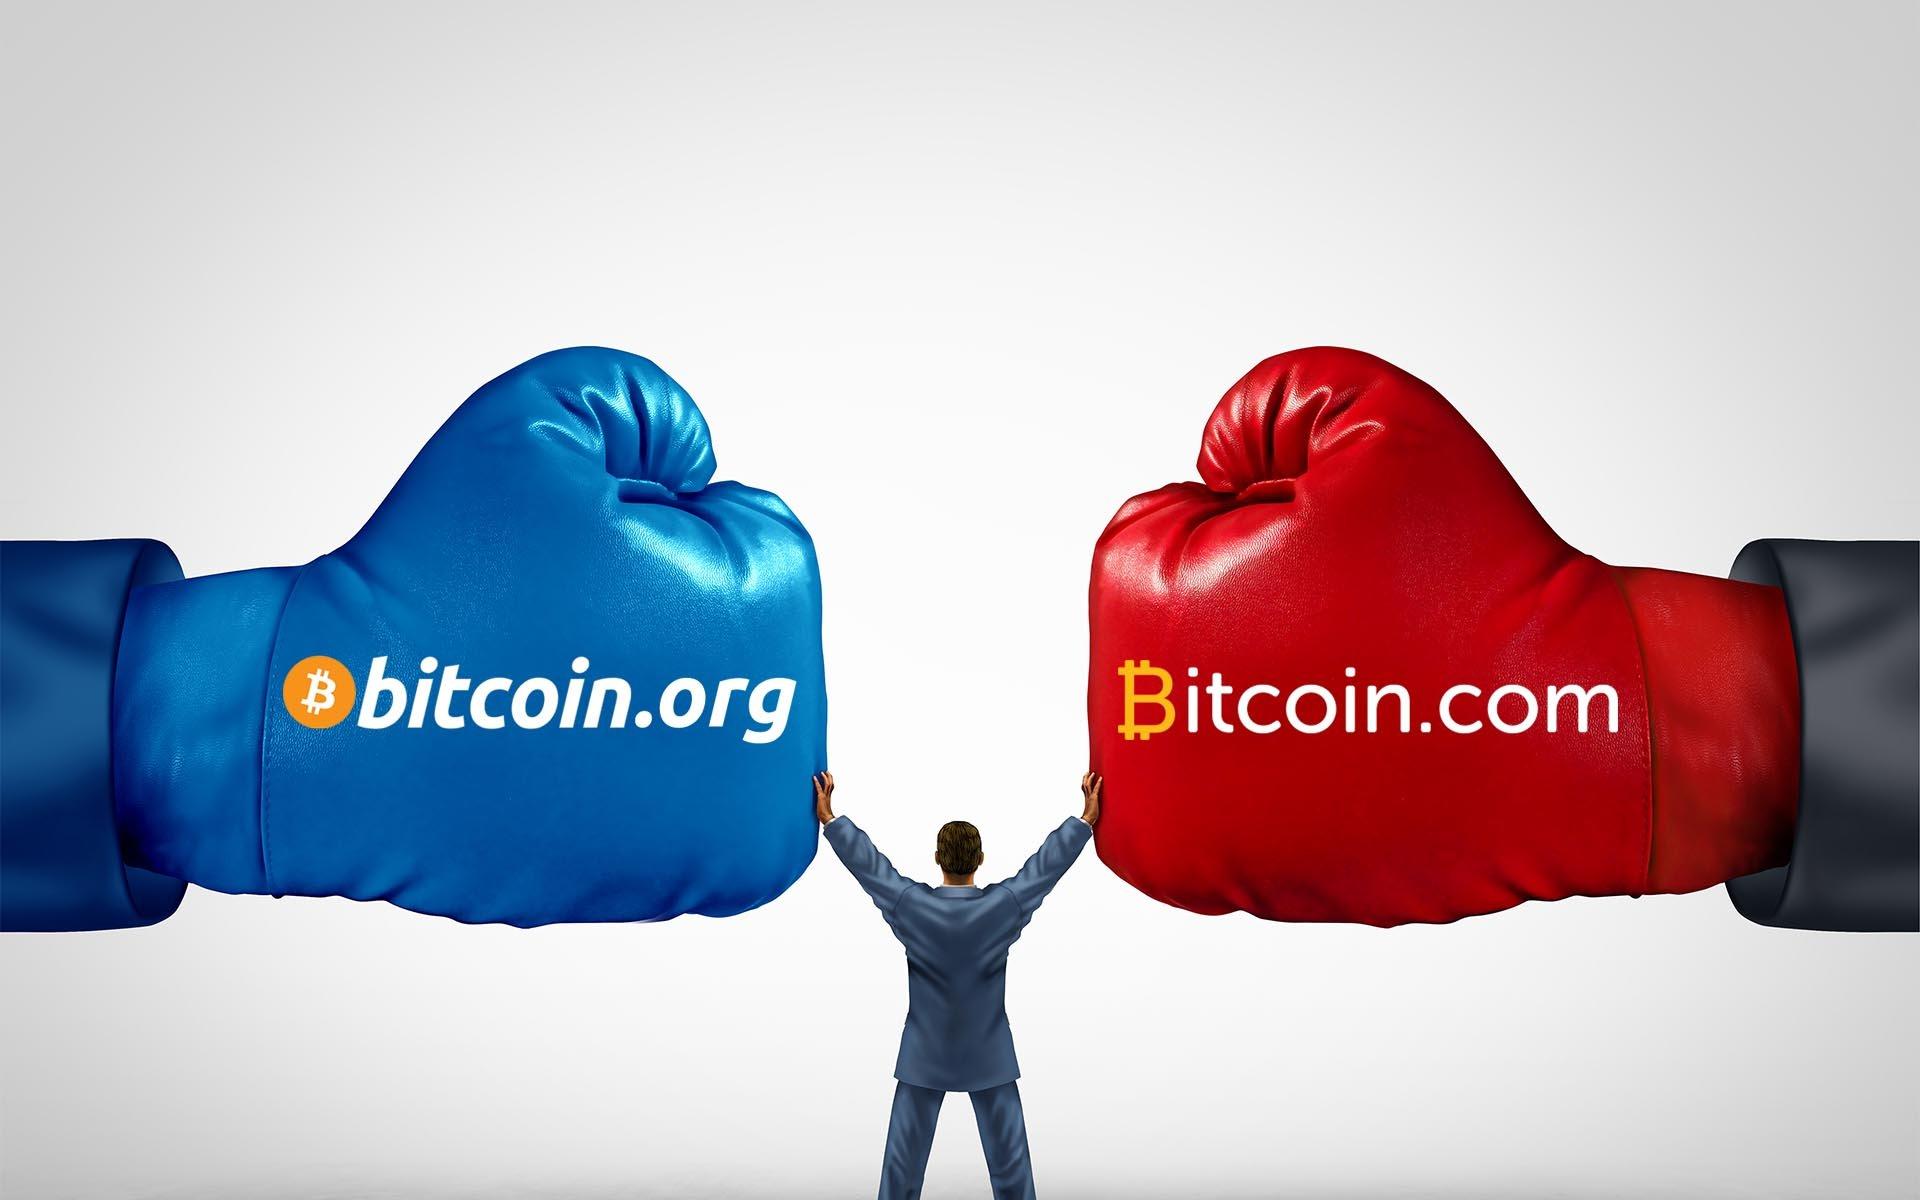 Bitcoin.org Reveals Record 2.3 Million Visitors Despite Bitcoin.com Threat